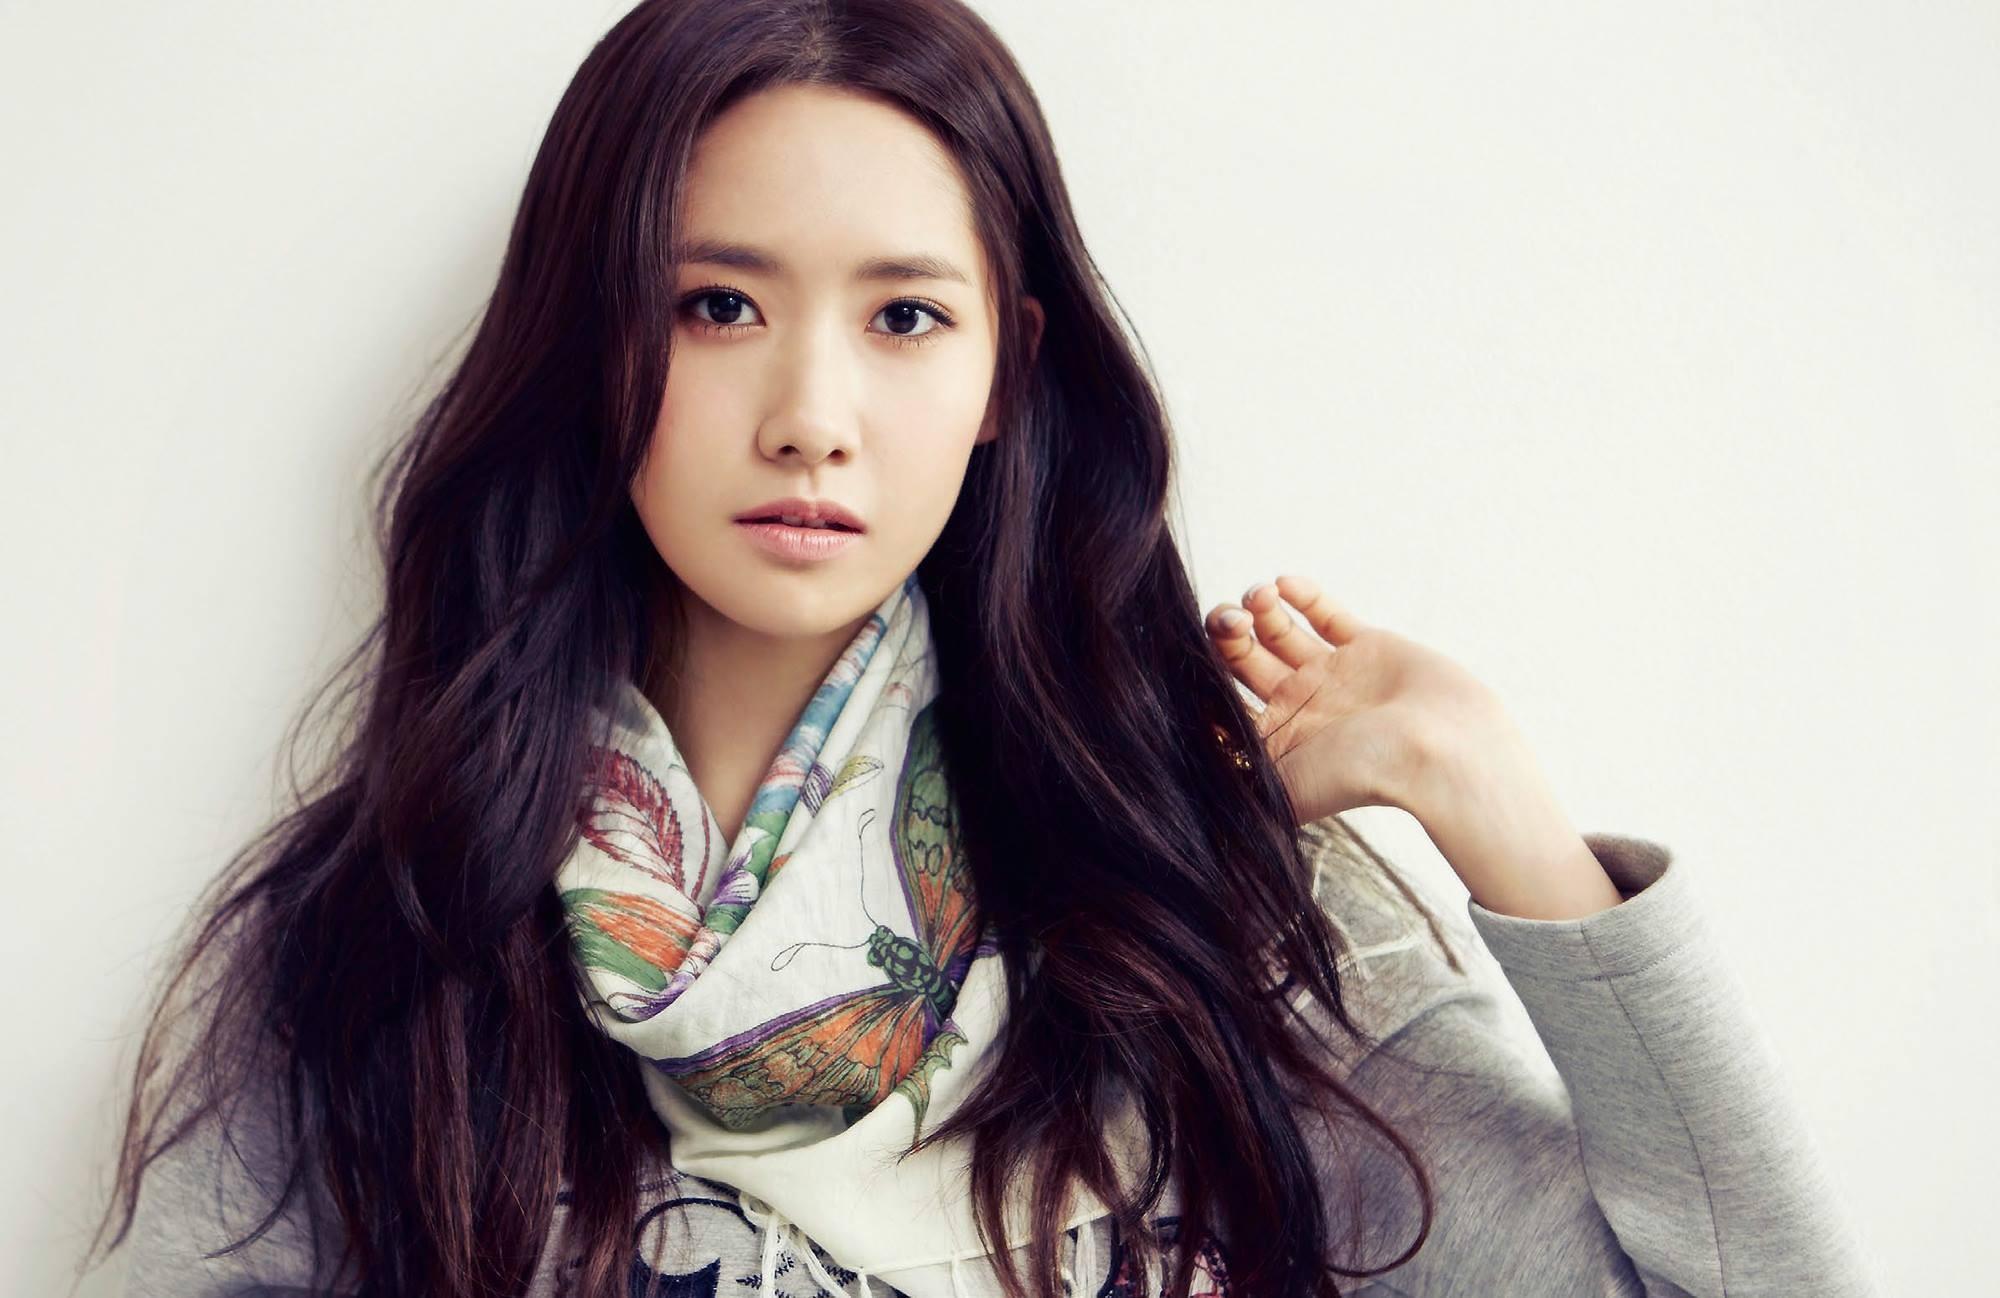 Wallpaper Women Model Long Hair Asian Singer Blue: Wallpaper : Face, Women, Long Hair, Brunette, Glasses